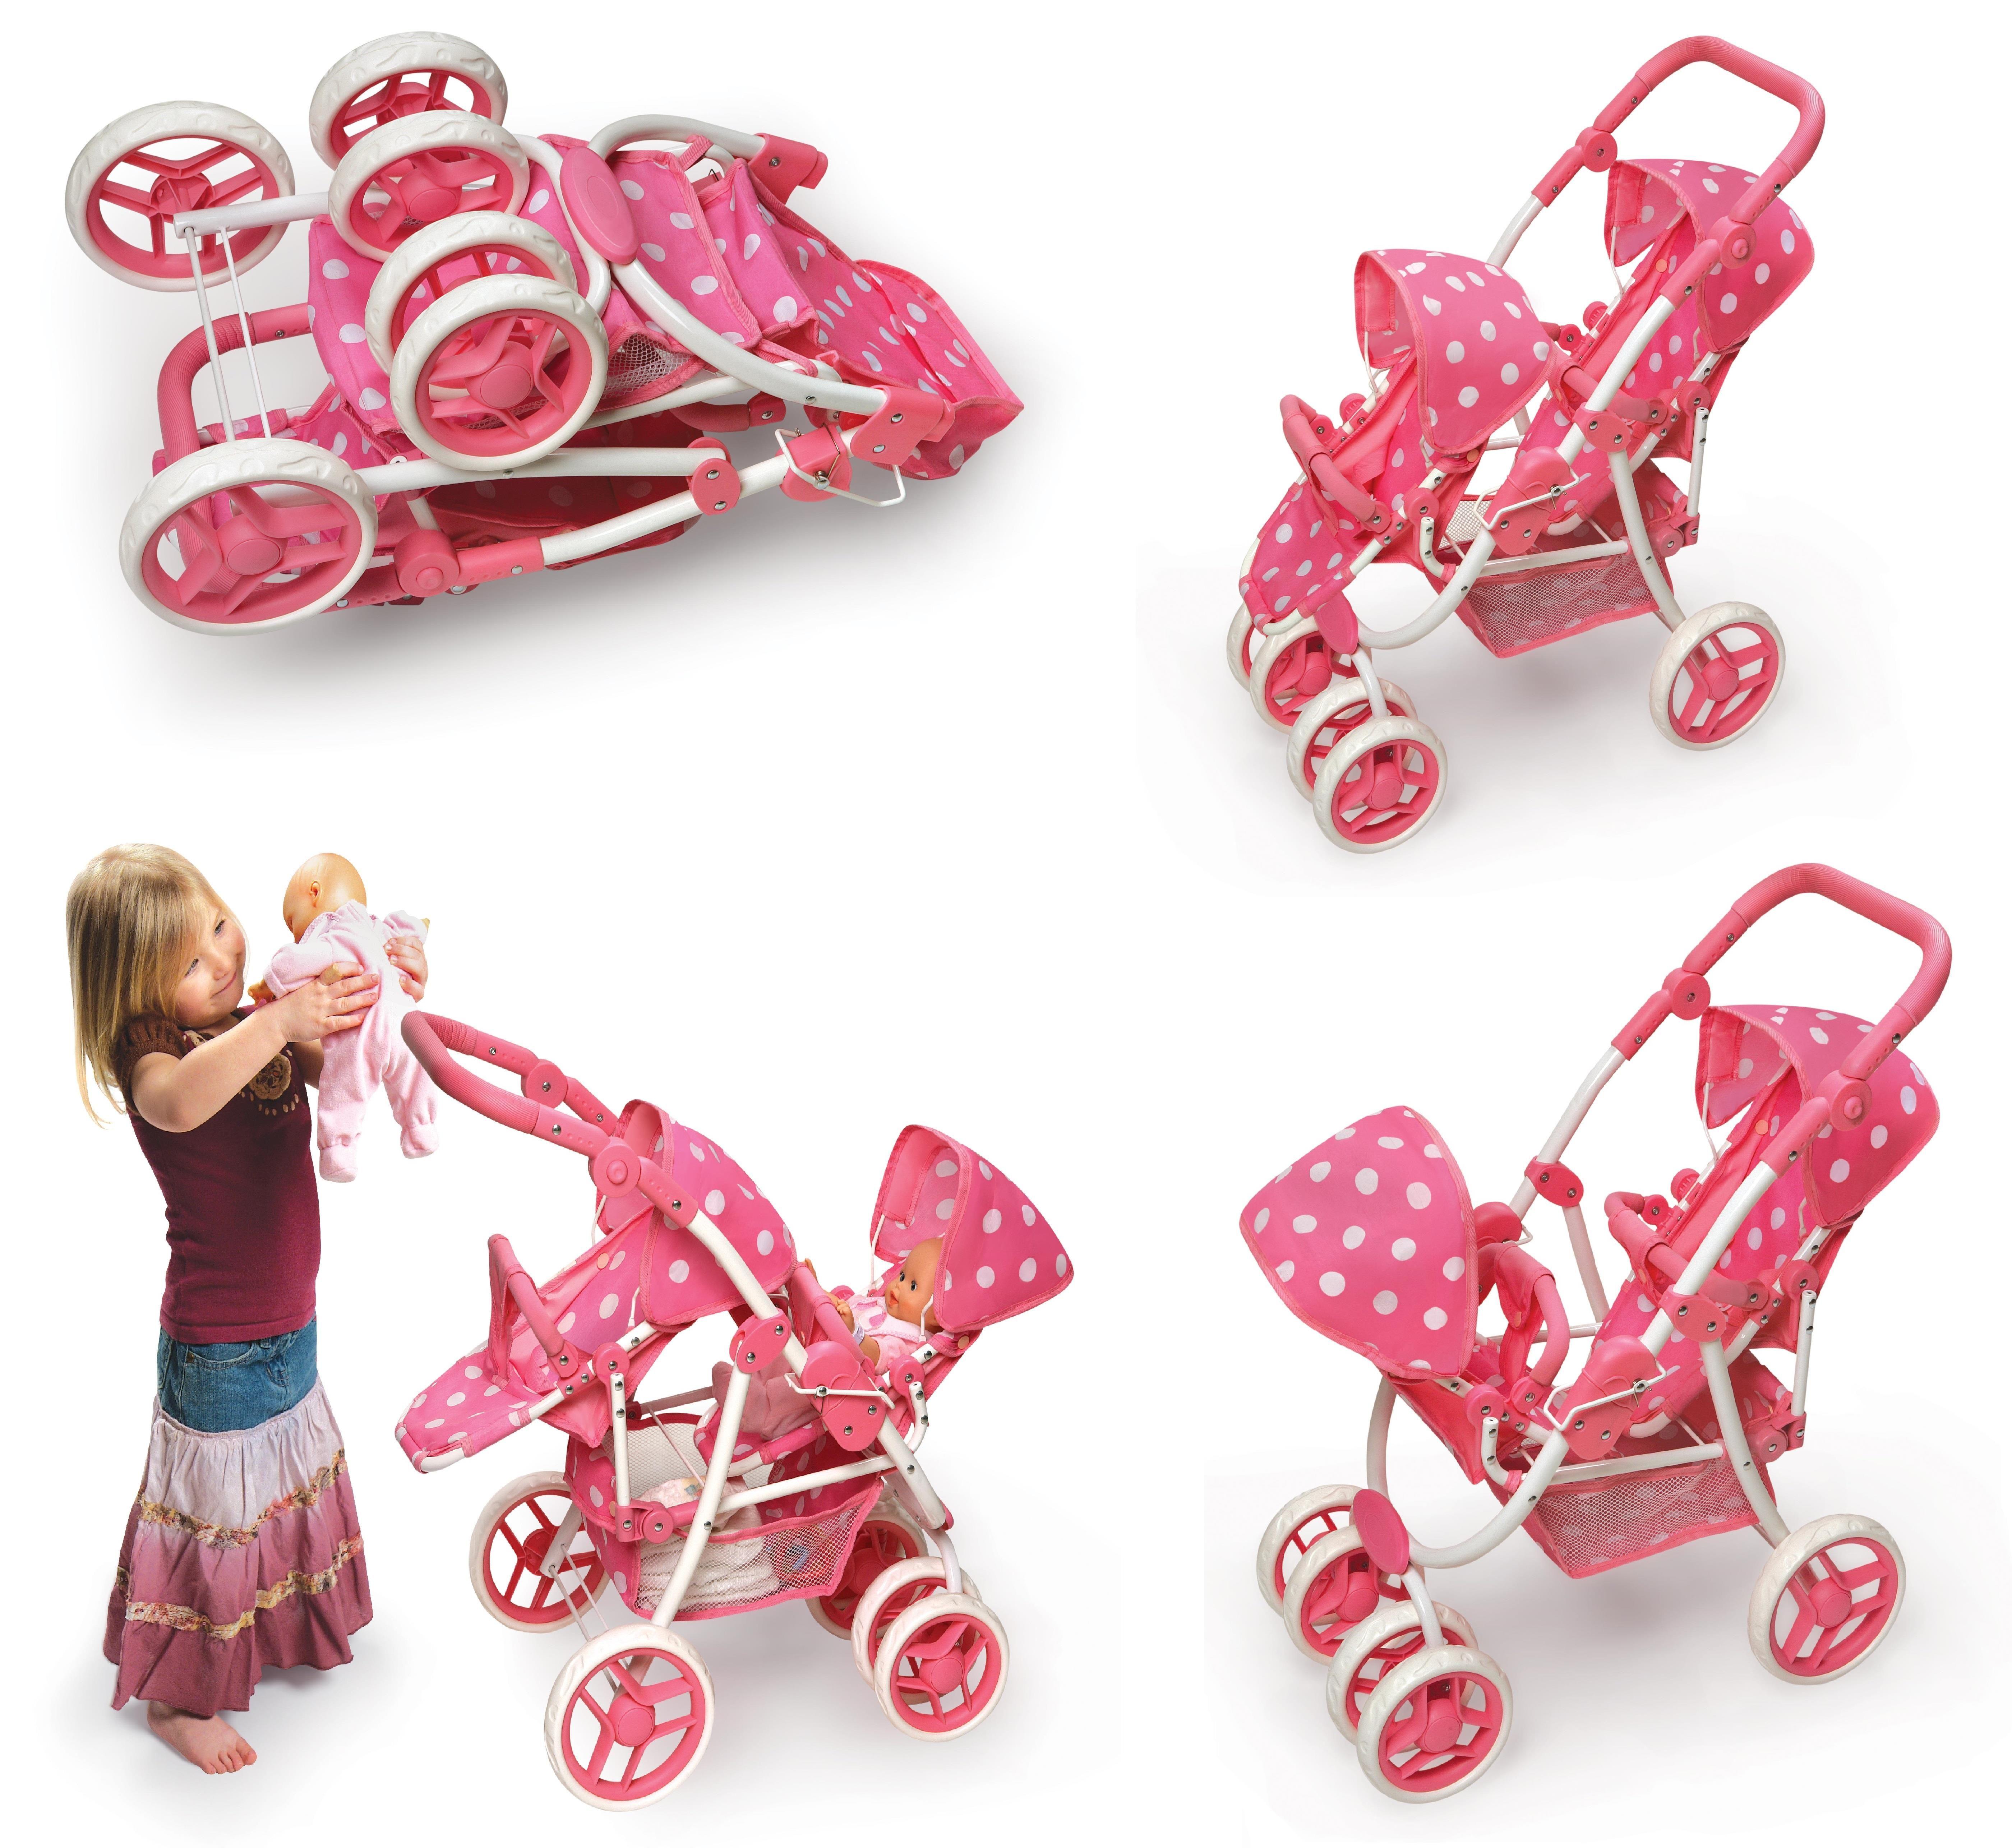 Chicco Baby Doll Stroller - Kinderwagen | KinderWagen Modelle ...